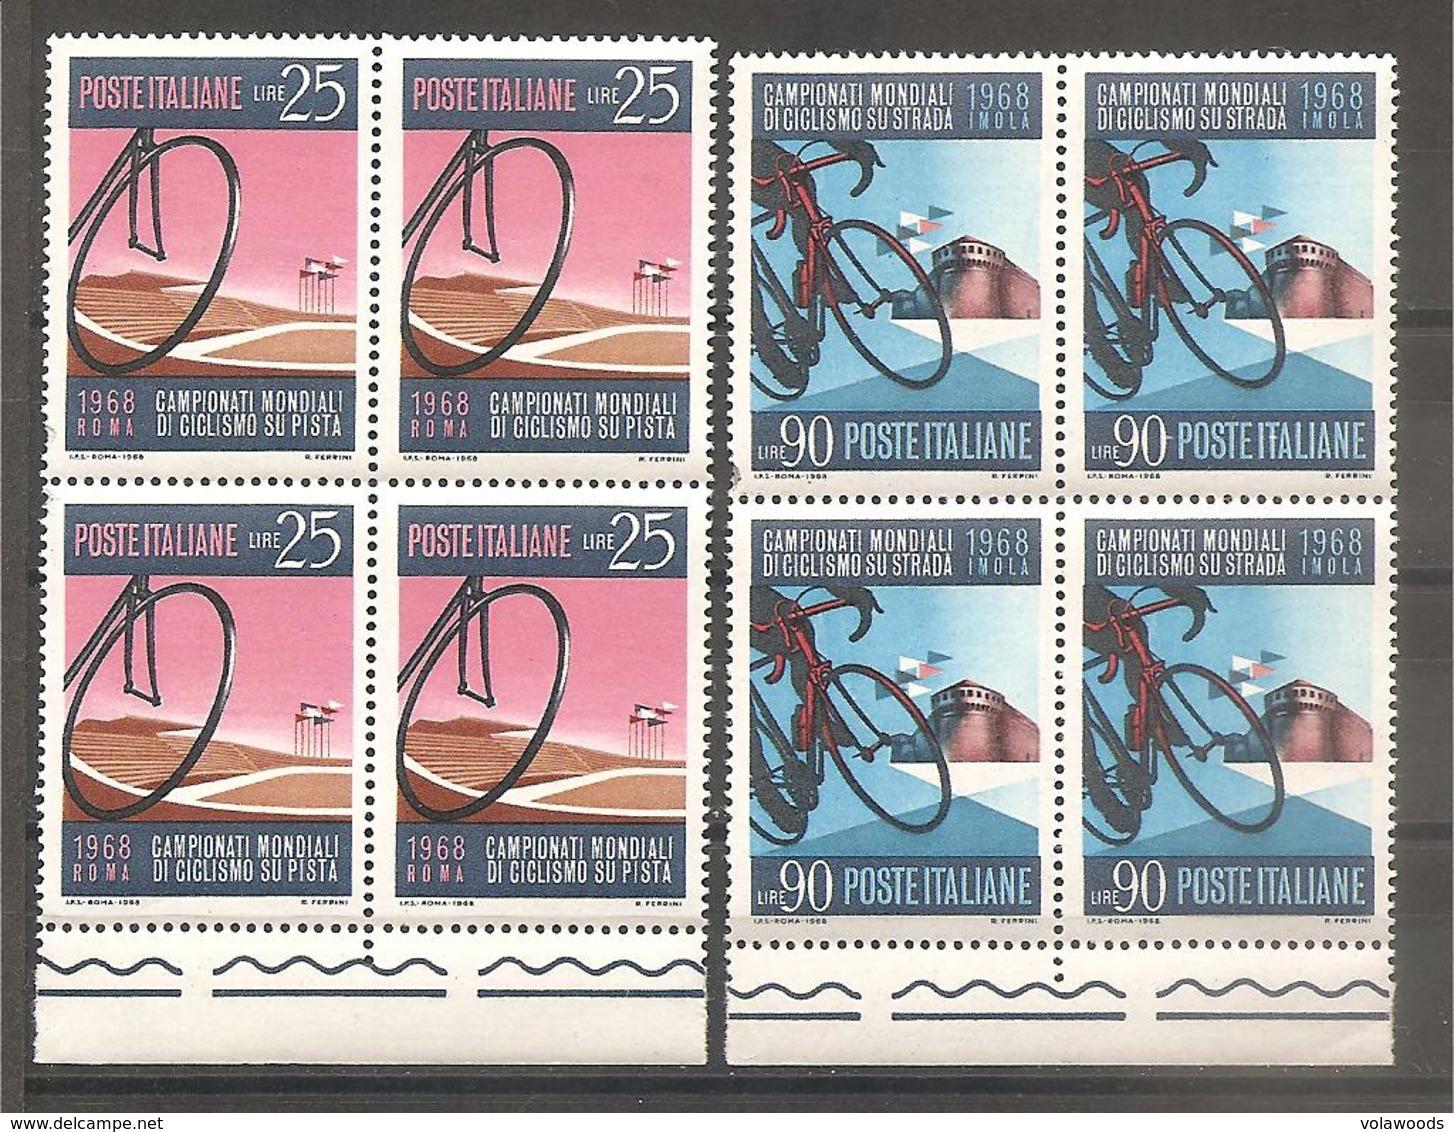 Italia - Serie Completa Nuova In Quartina: Campionati Mondiali Di Ciclismo - 1968 * G - Ciclismo